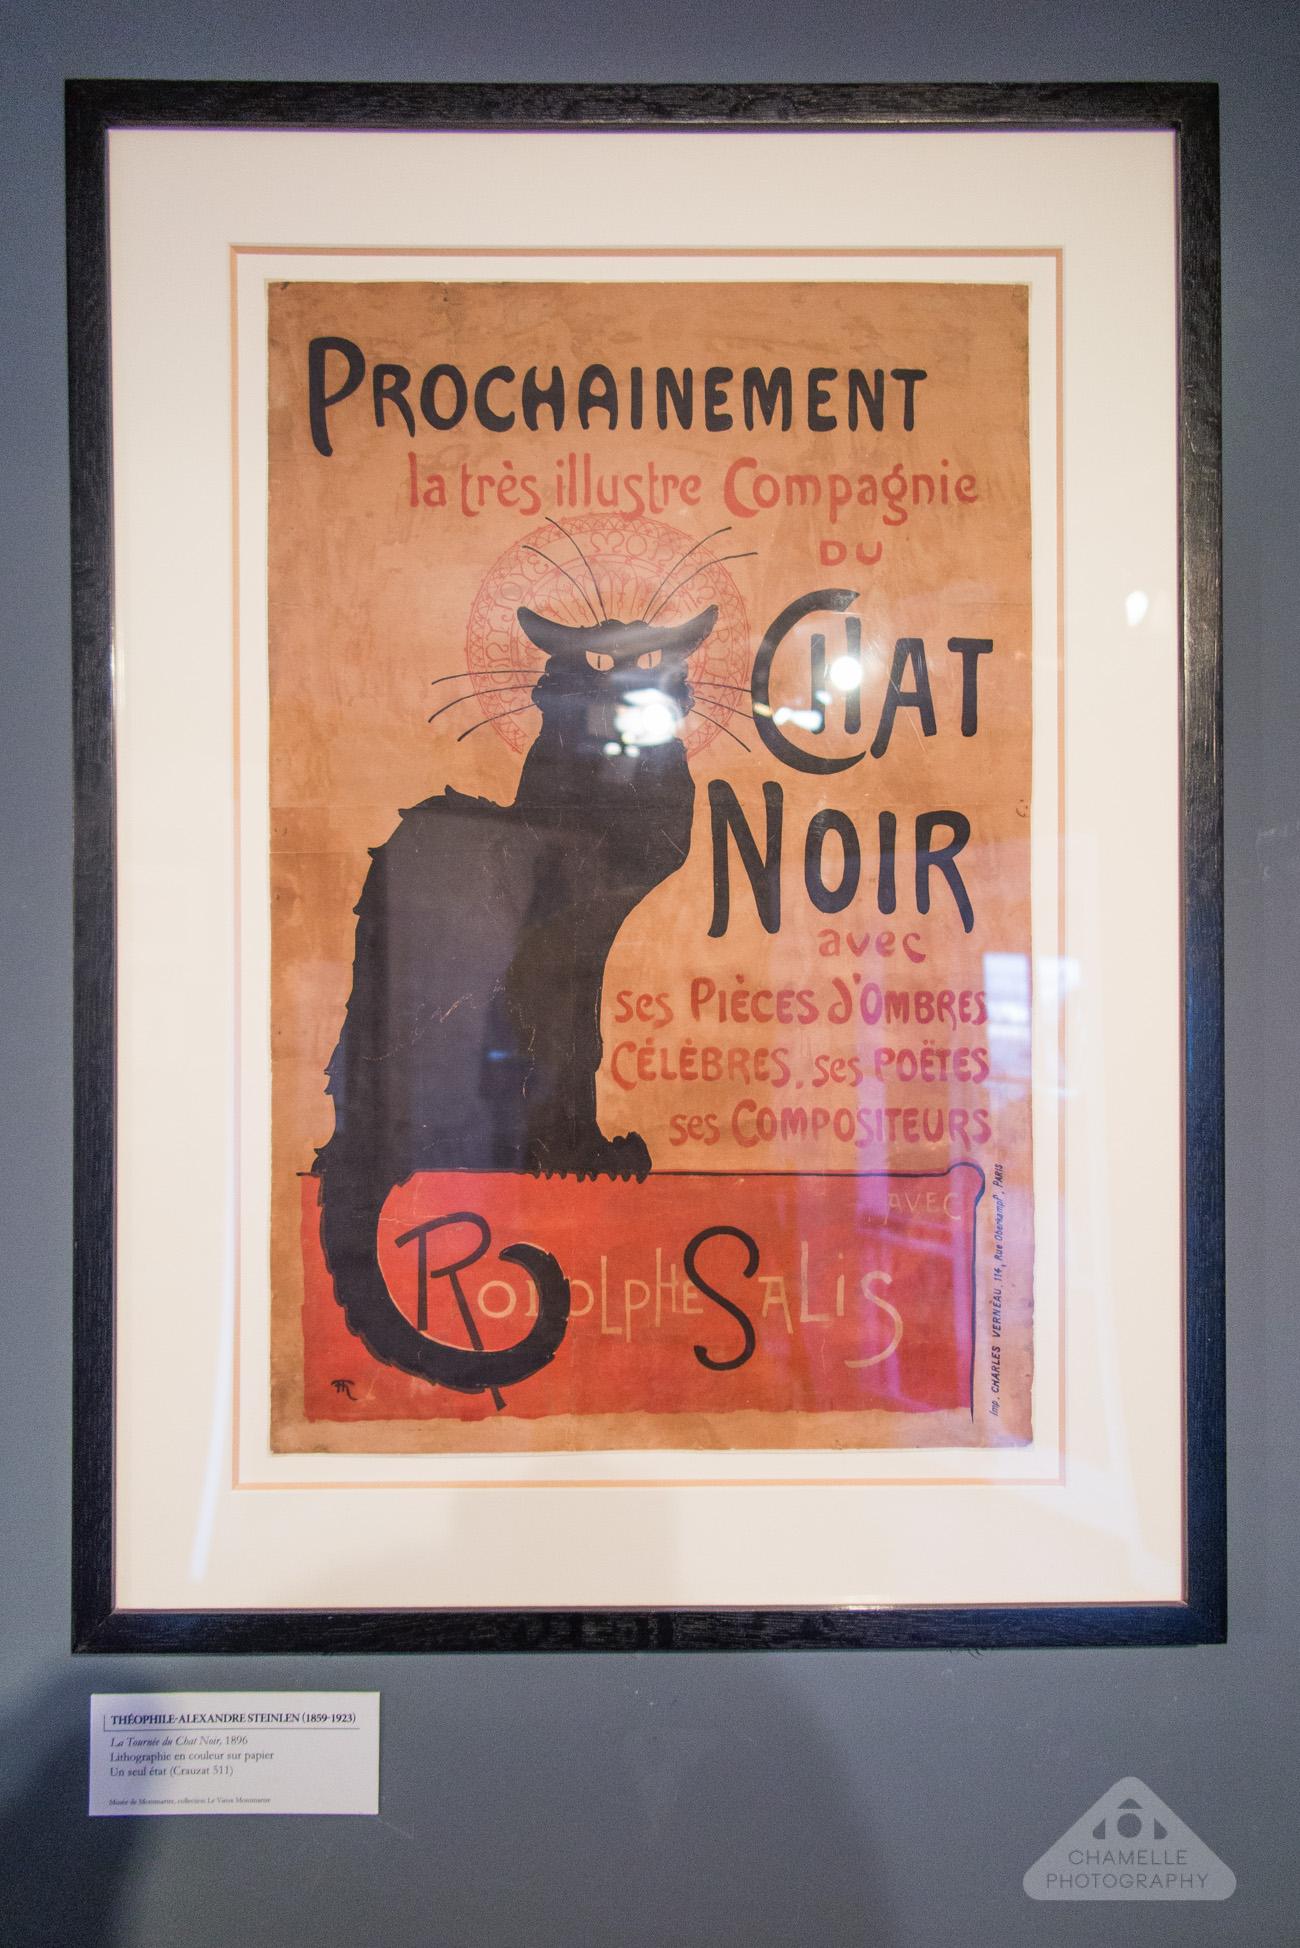 Musee Montmartre Museum Paris France travel blog photography Le Chat Noir Théophile Steinlen